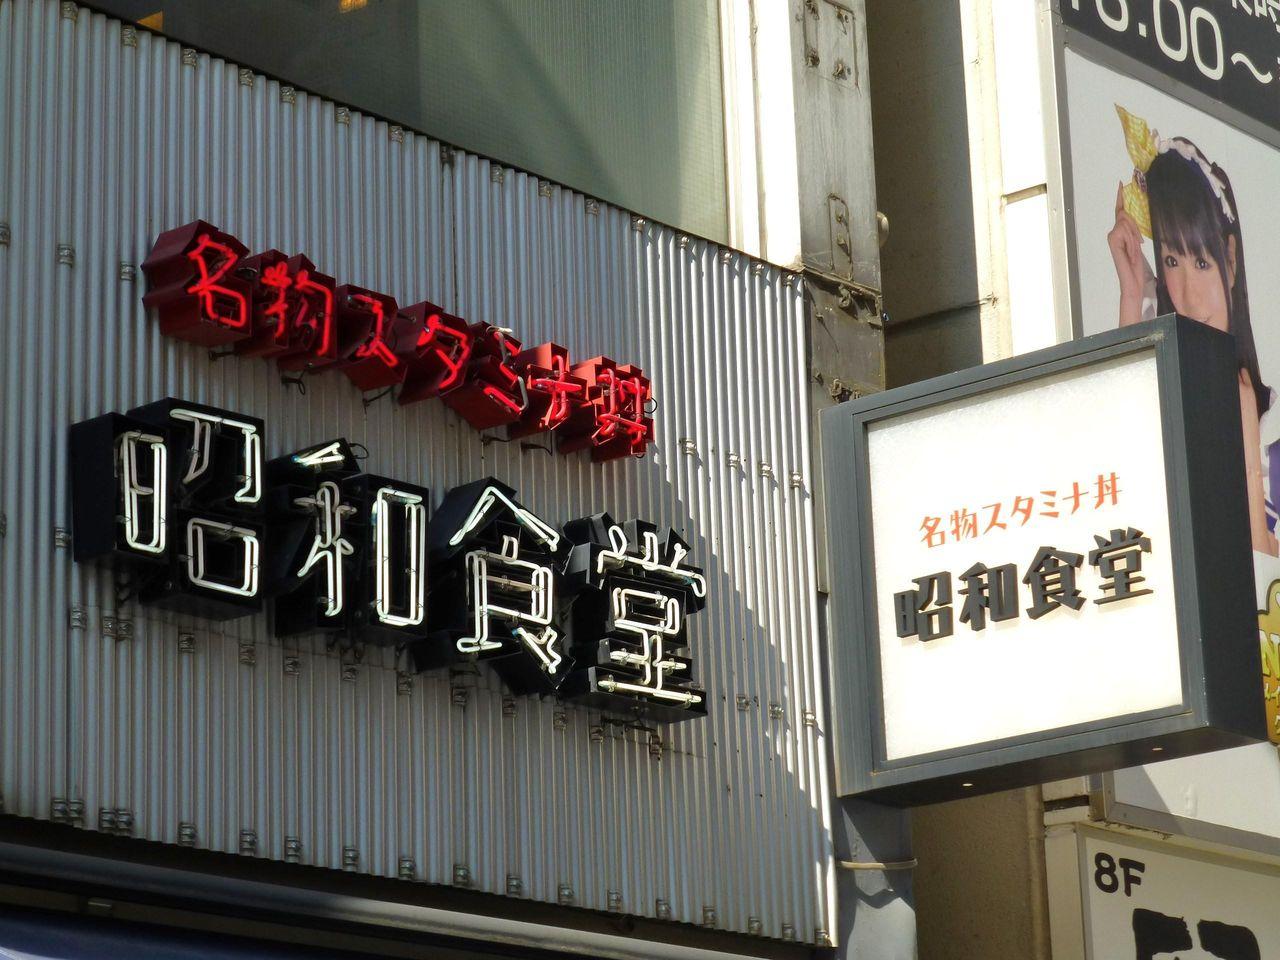 昭和レトロな食堂をイメージしますが、レトロなのはBGMだけ!